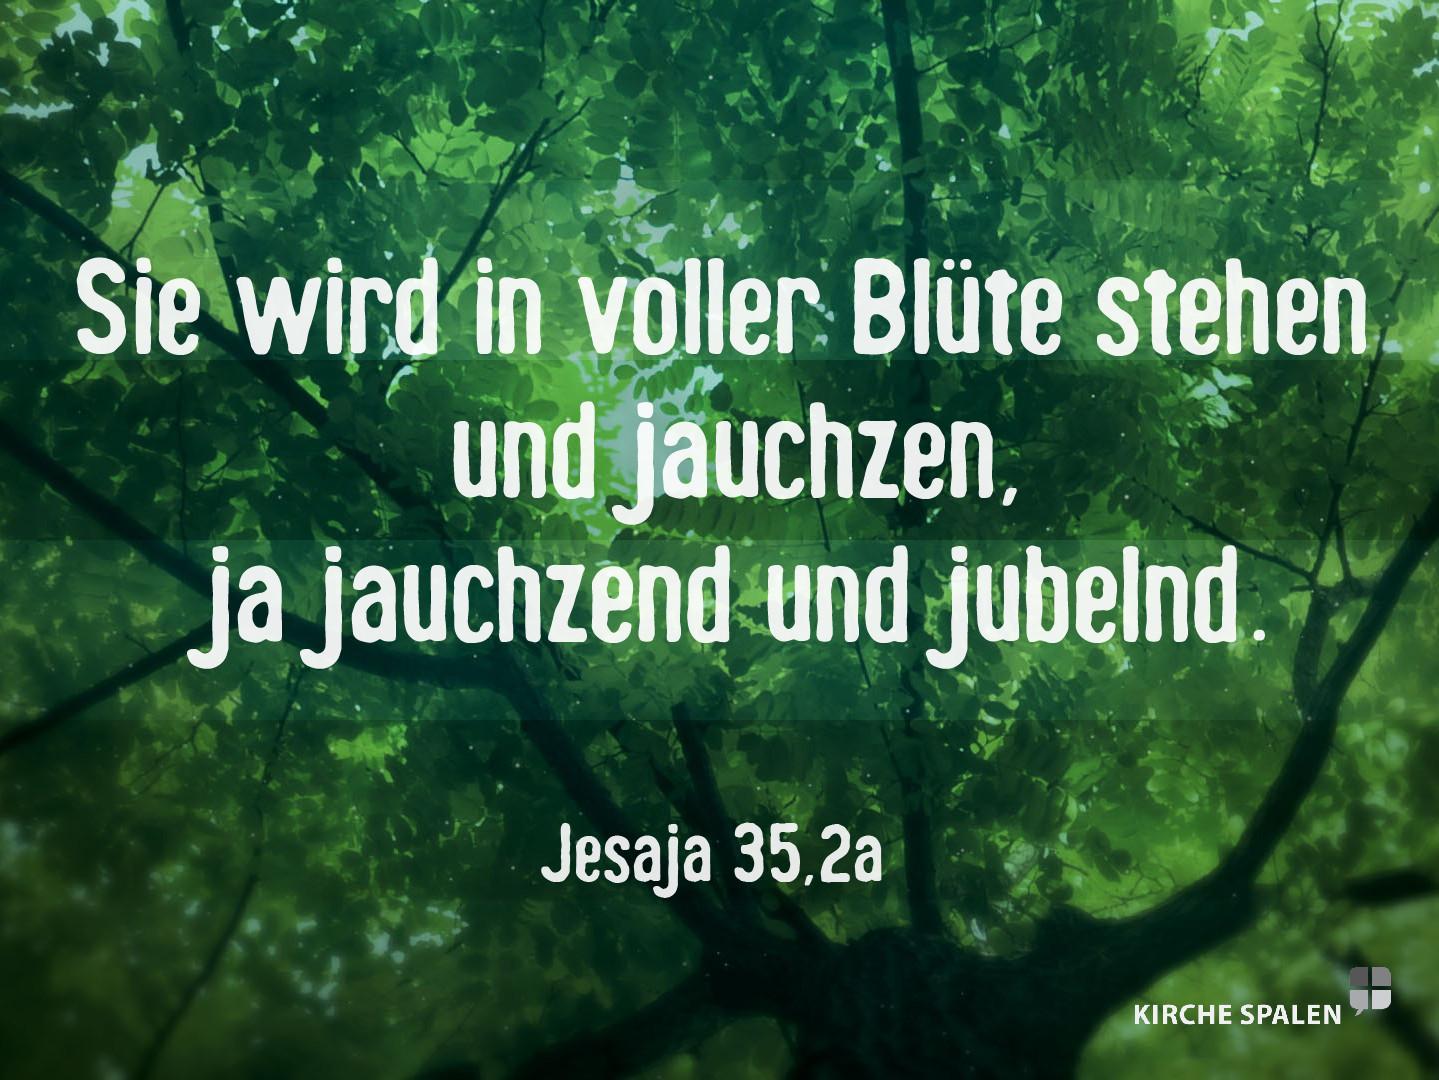 Jesaja35,2a.jpg